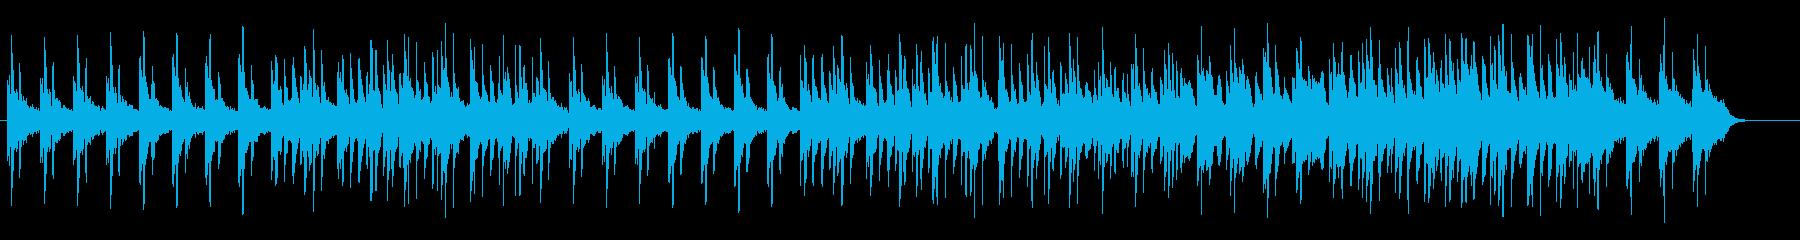 美しく透明感のあるシンセピアノサウンドの再生済みの波形